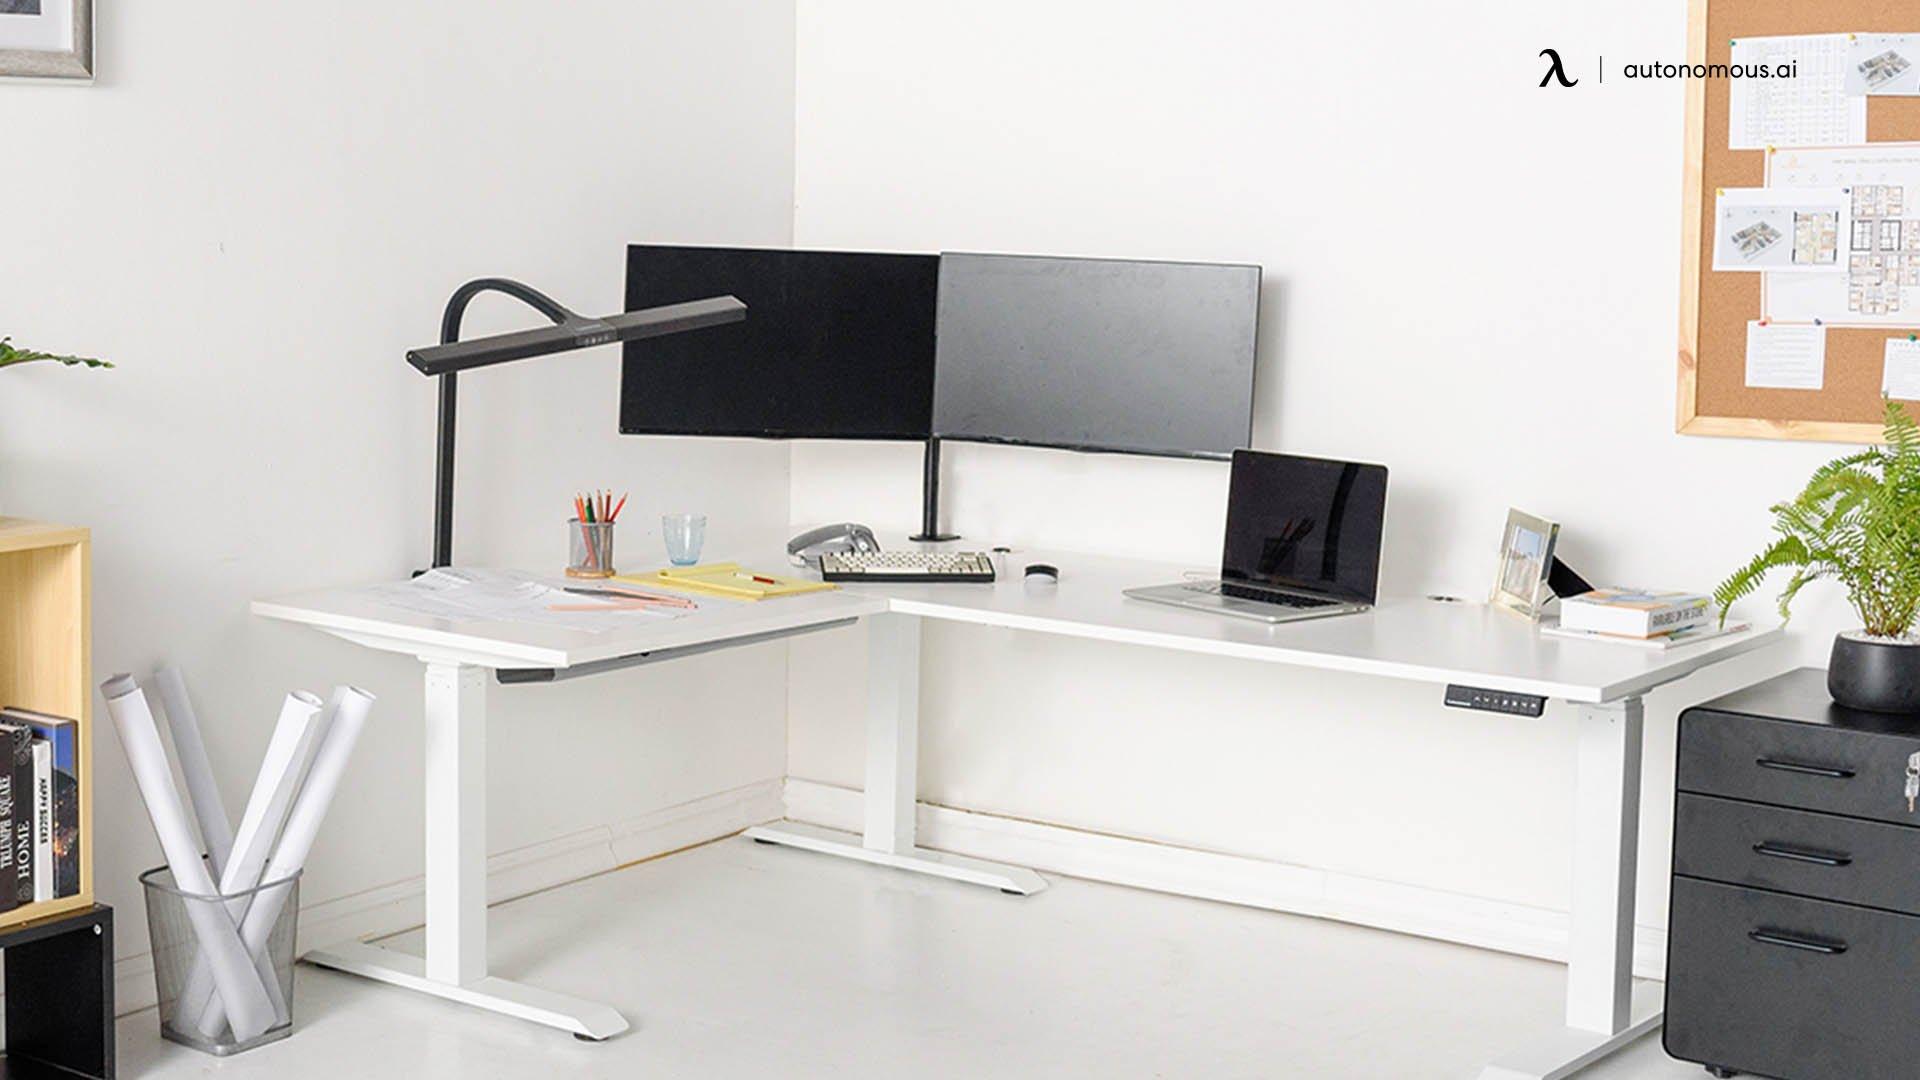 Multi-Monitor corner desk idea